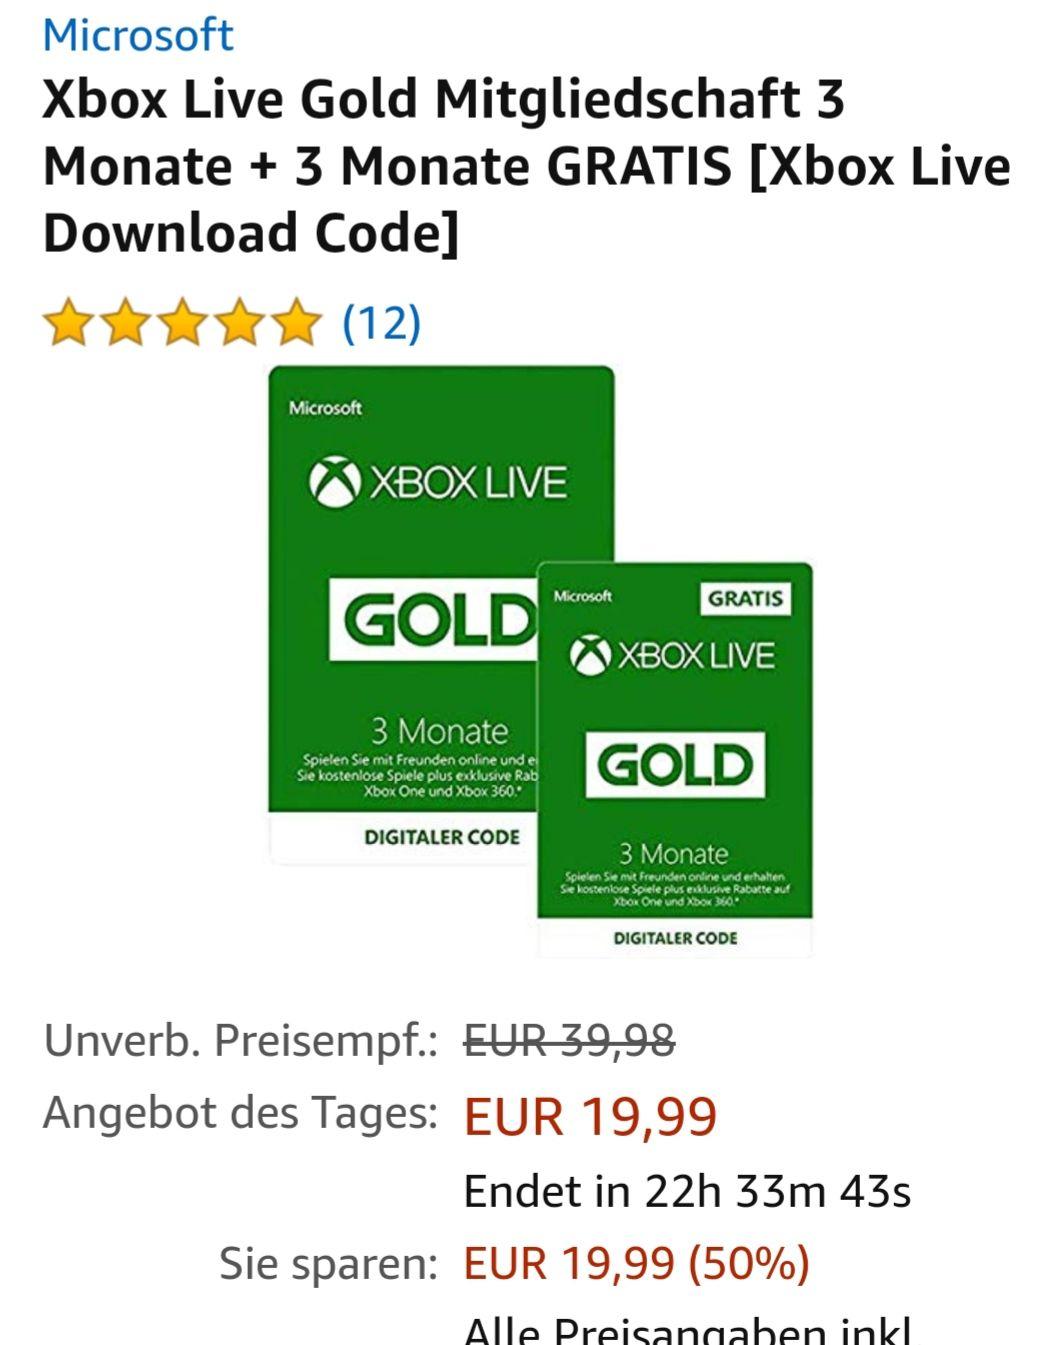 [Amazon] 6 Monate Xbox Live Gold für 19,99